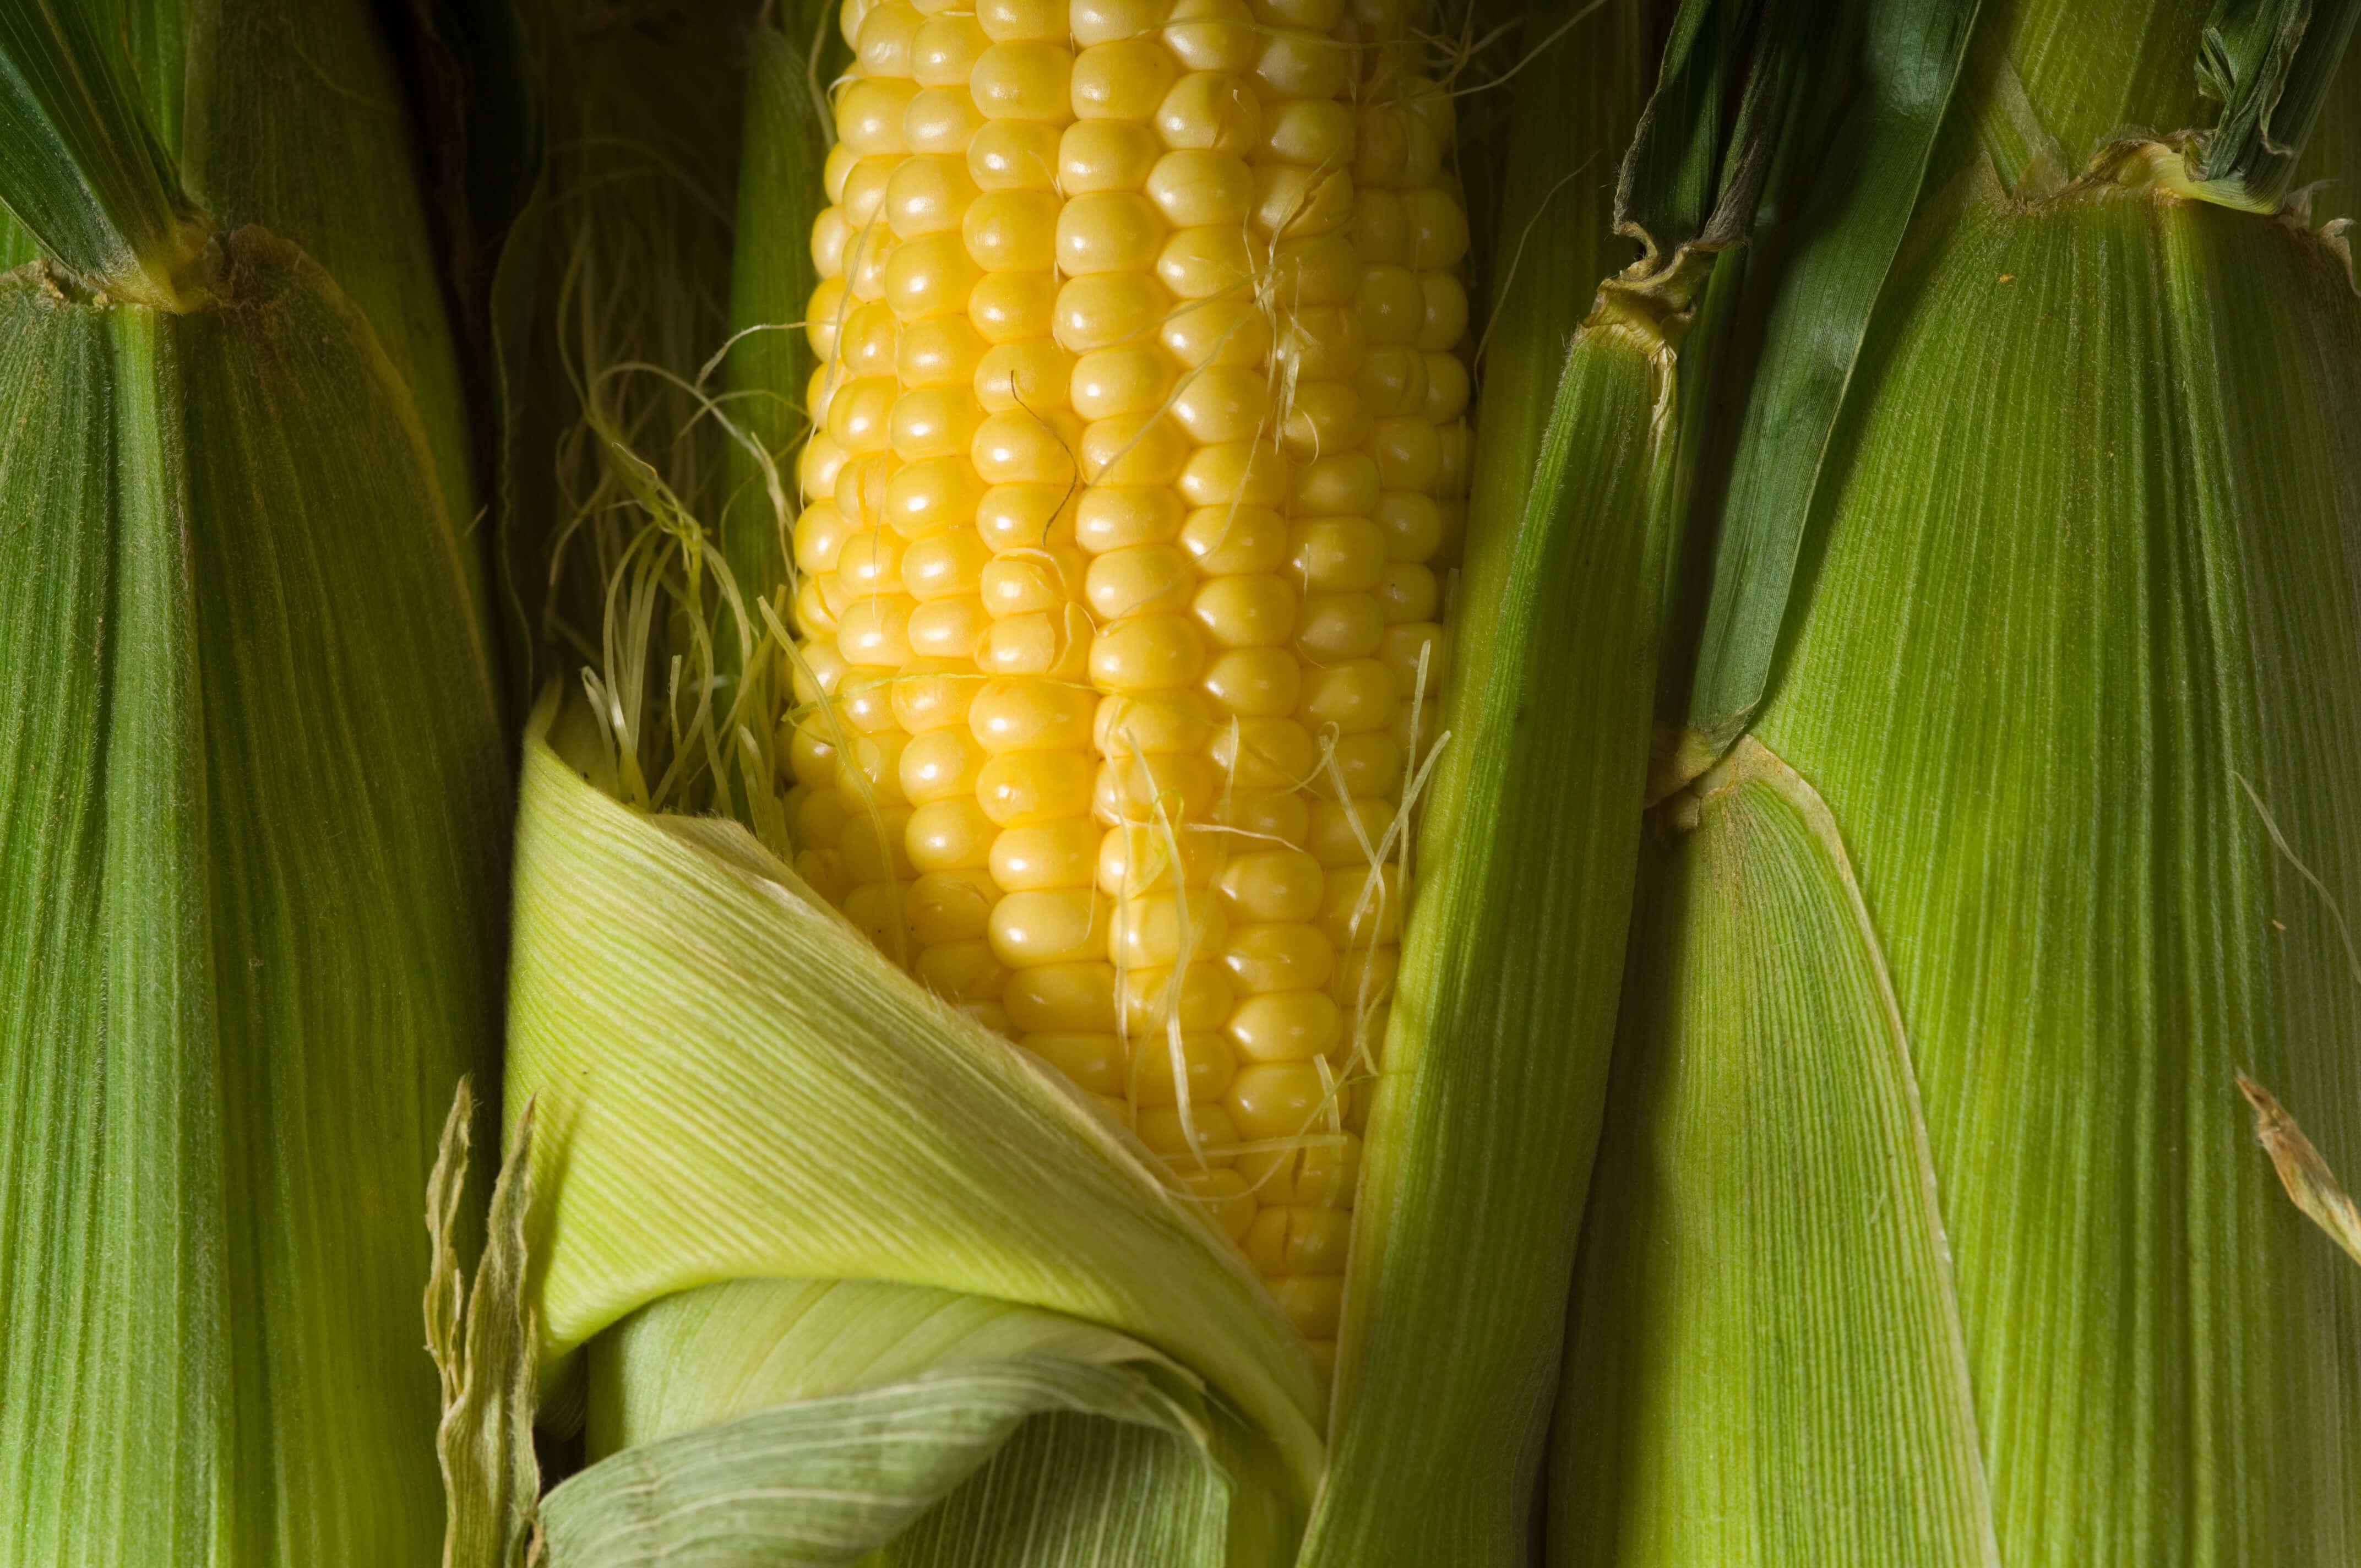 Épluchette de blé d'Inde